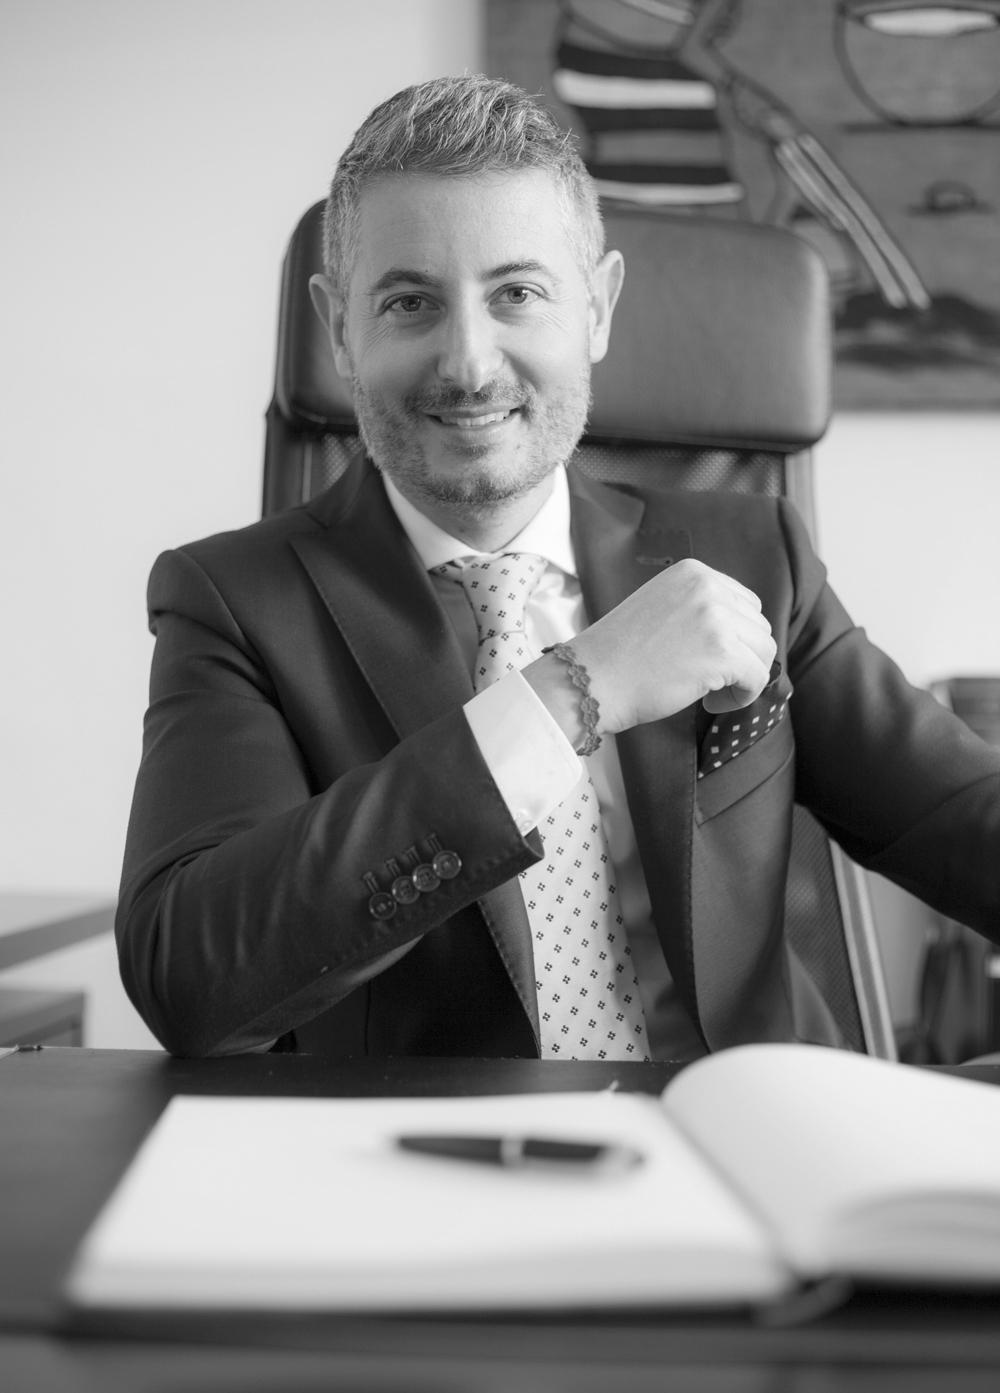 https://www.studiolegalepierotti.it/wp-content/uploads/2019/04/Nicola_Pierotti_bn.jpg